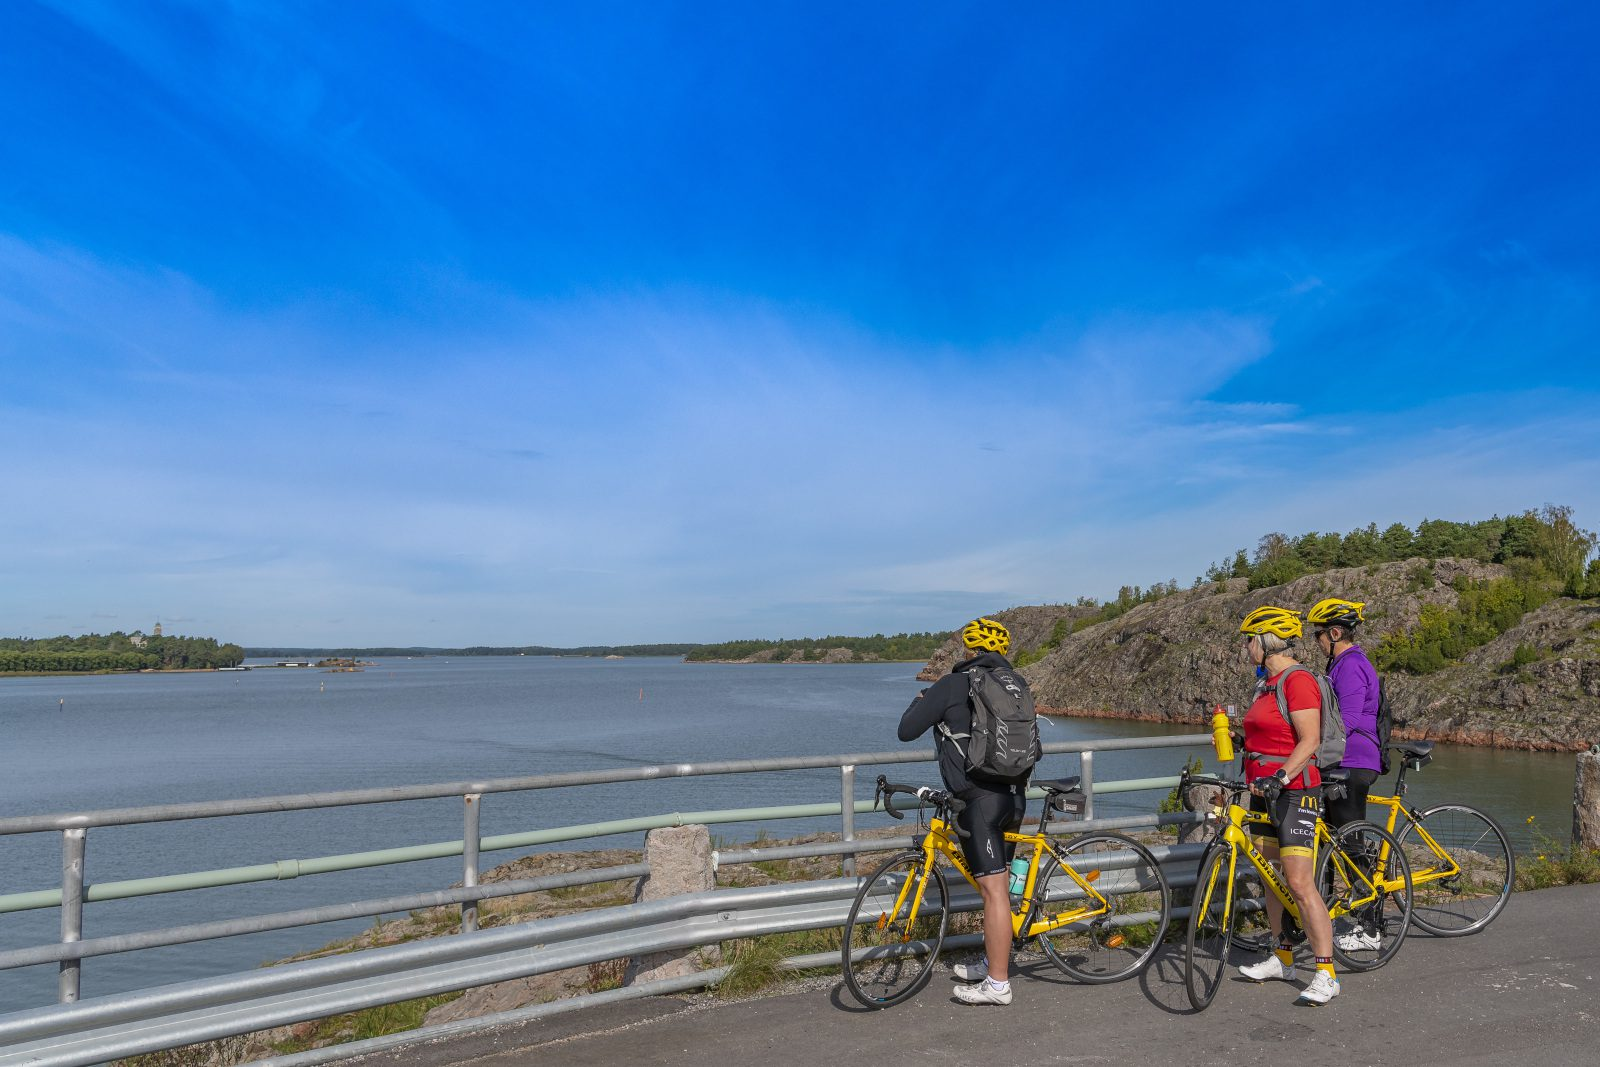 Kolme pyöräilijää katsovat merimaisemaa sillalta. Pilvetön taivas, sininen taivas ja meri, kallioita oikella ja Kultarannan linna näkyy vasemmalla.